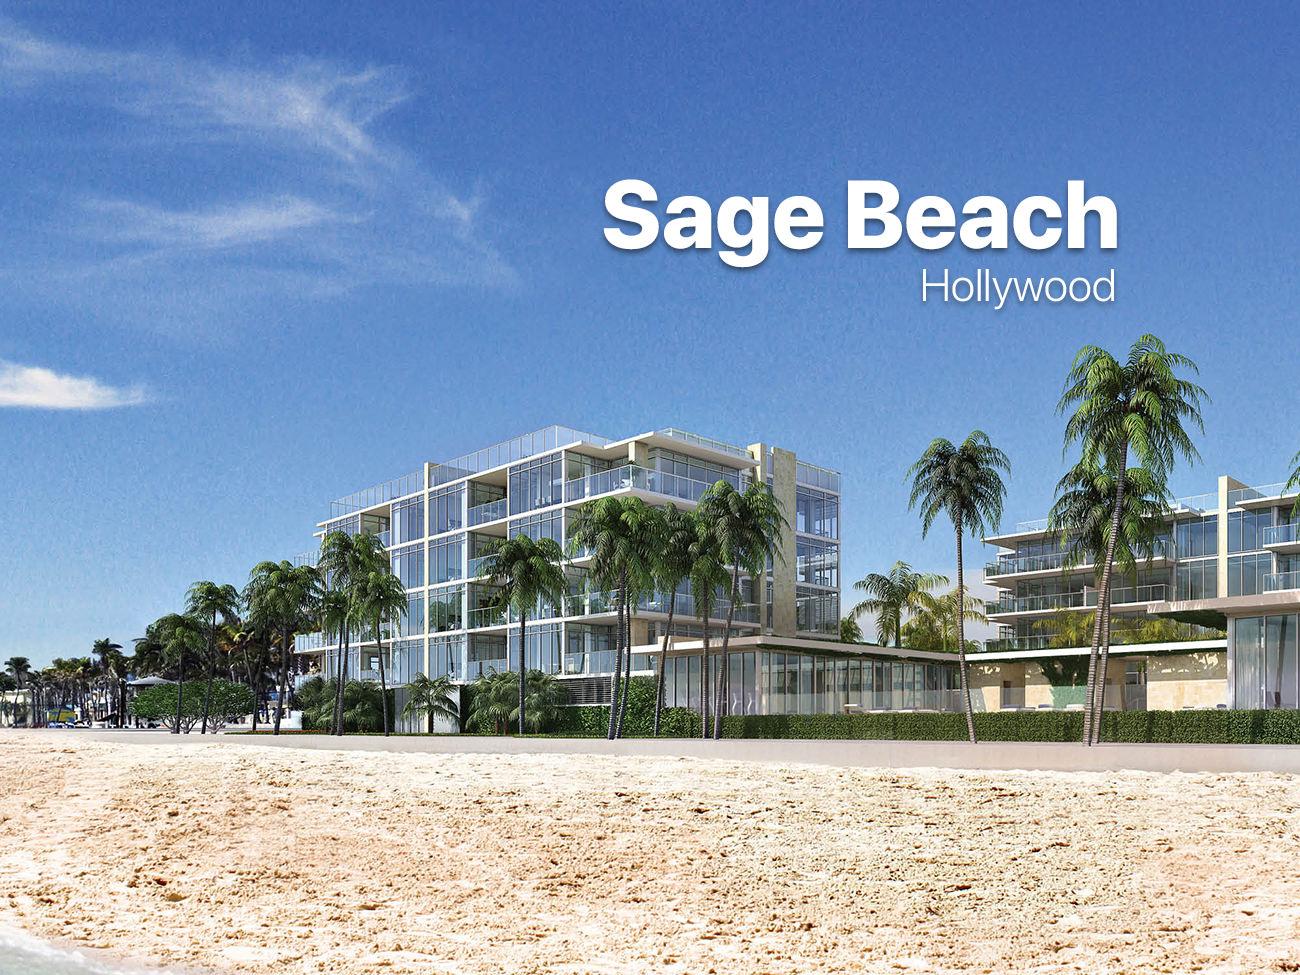 Sage Beach ad landscape